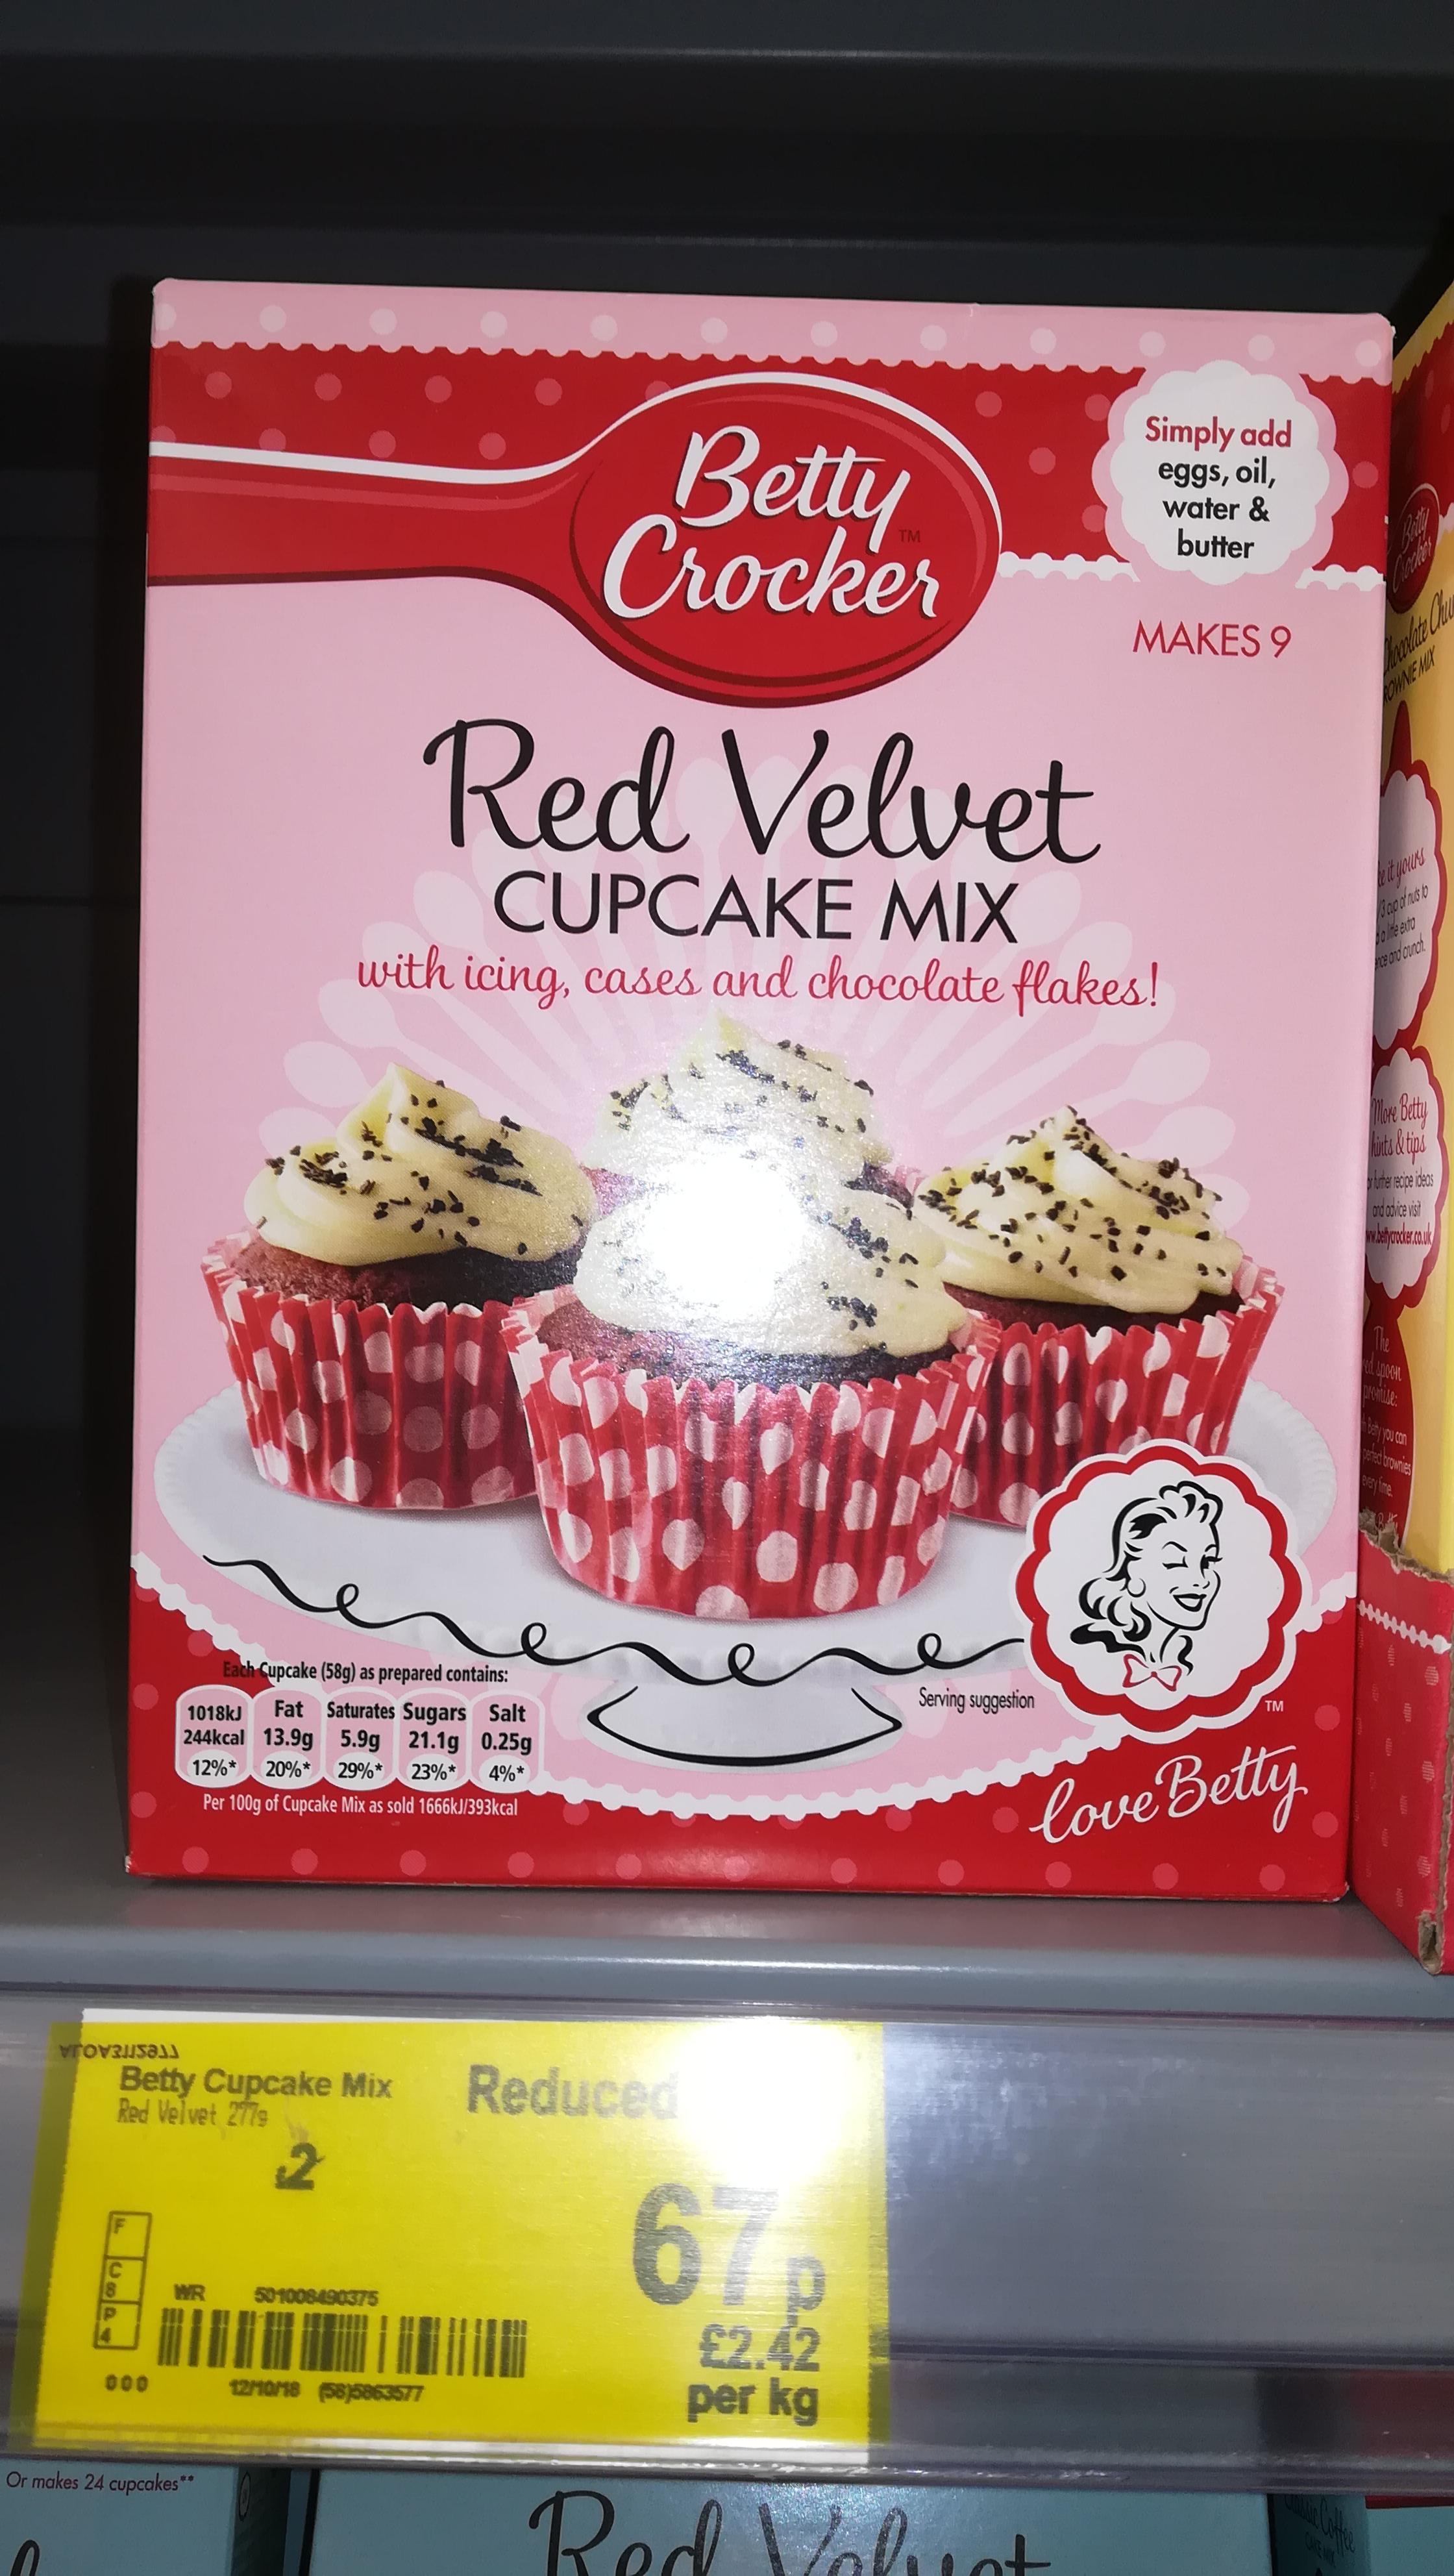 Betty crocker red velvet cupcake mix 67p @ Asda Hailsham